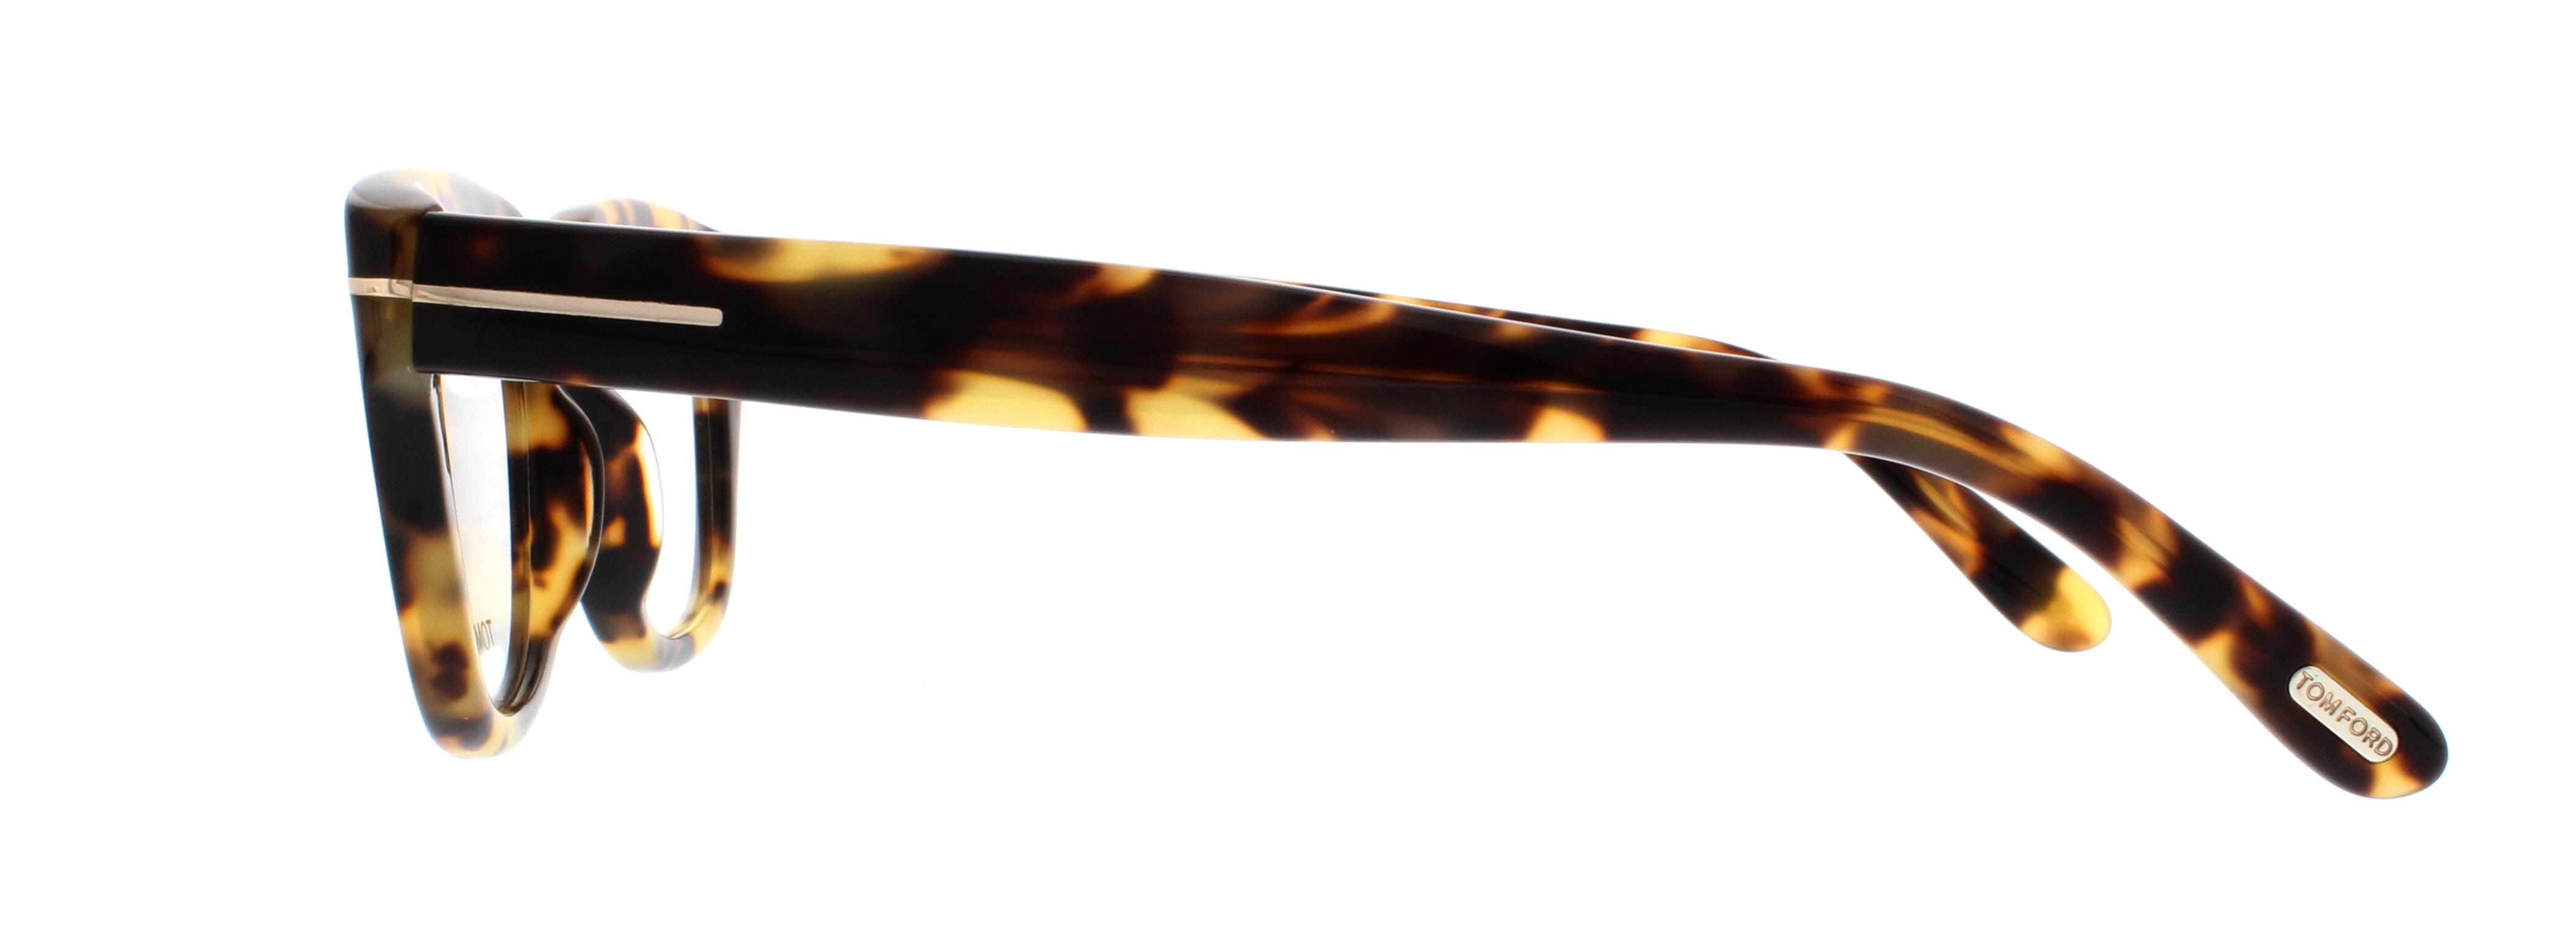 fdf97fcbd6e TOM FORD Eyeglasses FT5178 055 Coloured Havana 50MM 4 4 of 8 ...